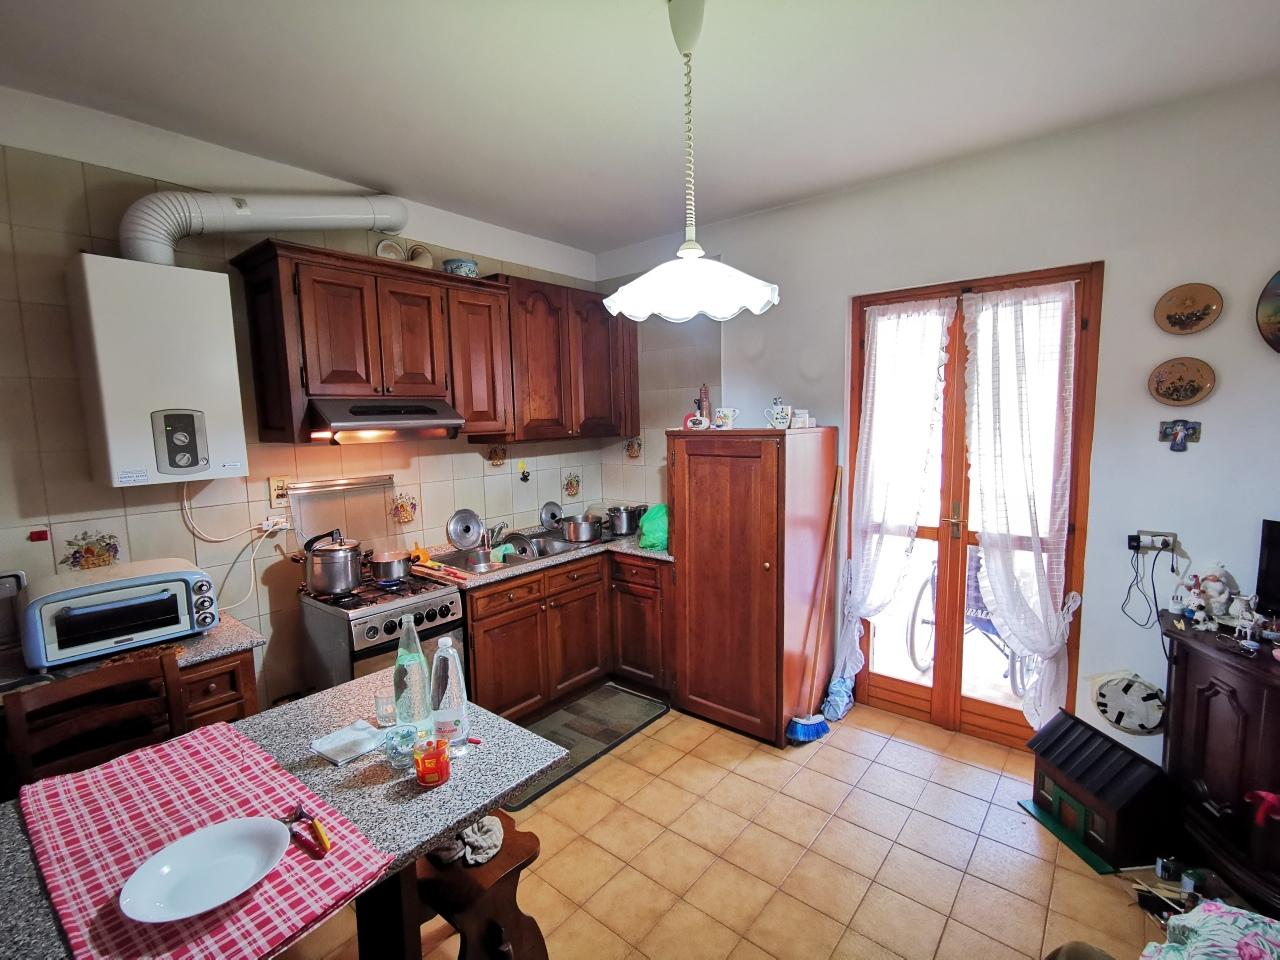 Appartamento in vendita a Albisola Superiore, 2 locali, prezzo € 80.000 | PortaleAgenzieImmobiliari.it